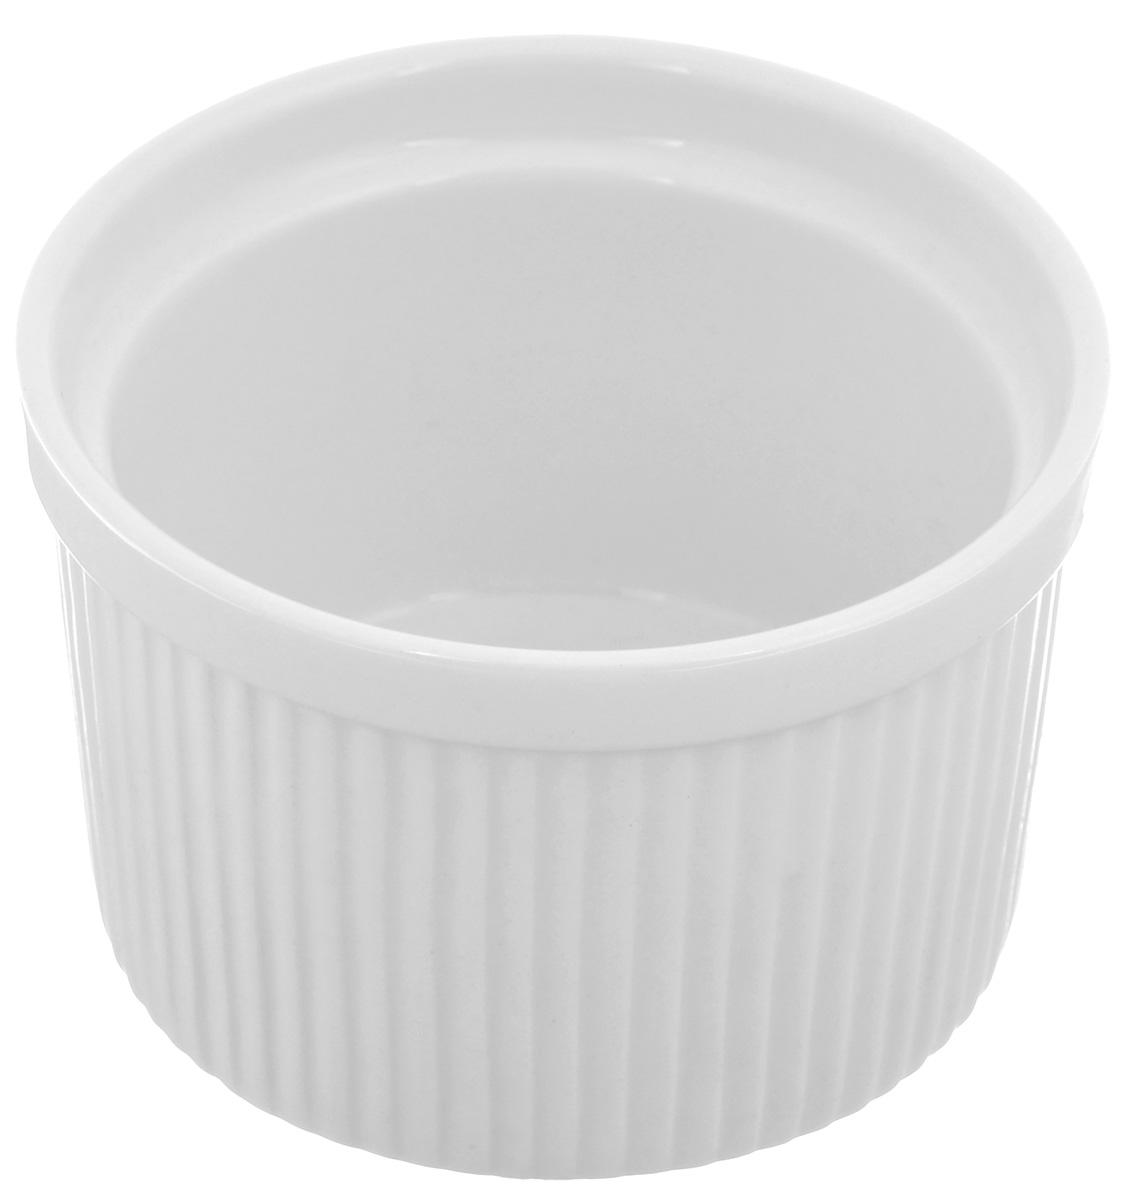 Порционная форма для выпечки BergHOFF Bianco, круглая, цвет: белый, диаметр 10 см1691251Порционная форма для выпечки BergHOFF Bianco изготовлена из высококачественного фарфора с глазурованной поверхностью. Форму можно использовать для приготовления блюд, таких как крем-брюле, жульен, маффины и прочее. Изделие термоустойчиво, поверхность сохраняет свой цвет, а пища естественный аромат. Материал мягко проводит тепло для равномерного запекания. Подходит для мытья в посудомоечной машине. Диаметр формы: 10 см. Высота формы: 6,5 см.